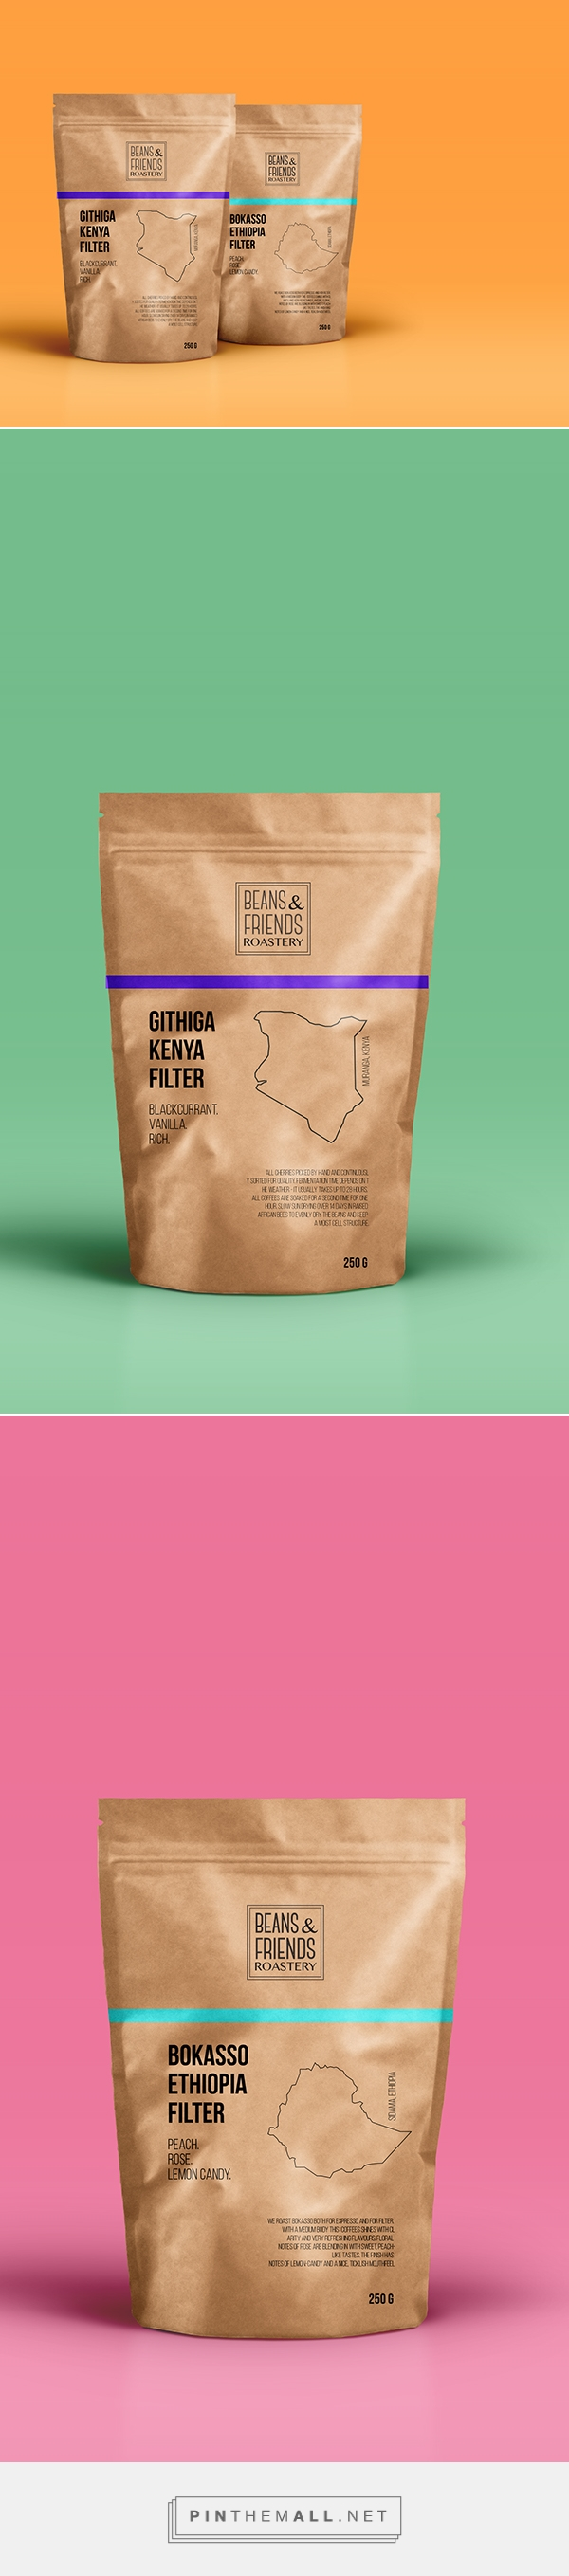 Coffee beans Coffee packaging